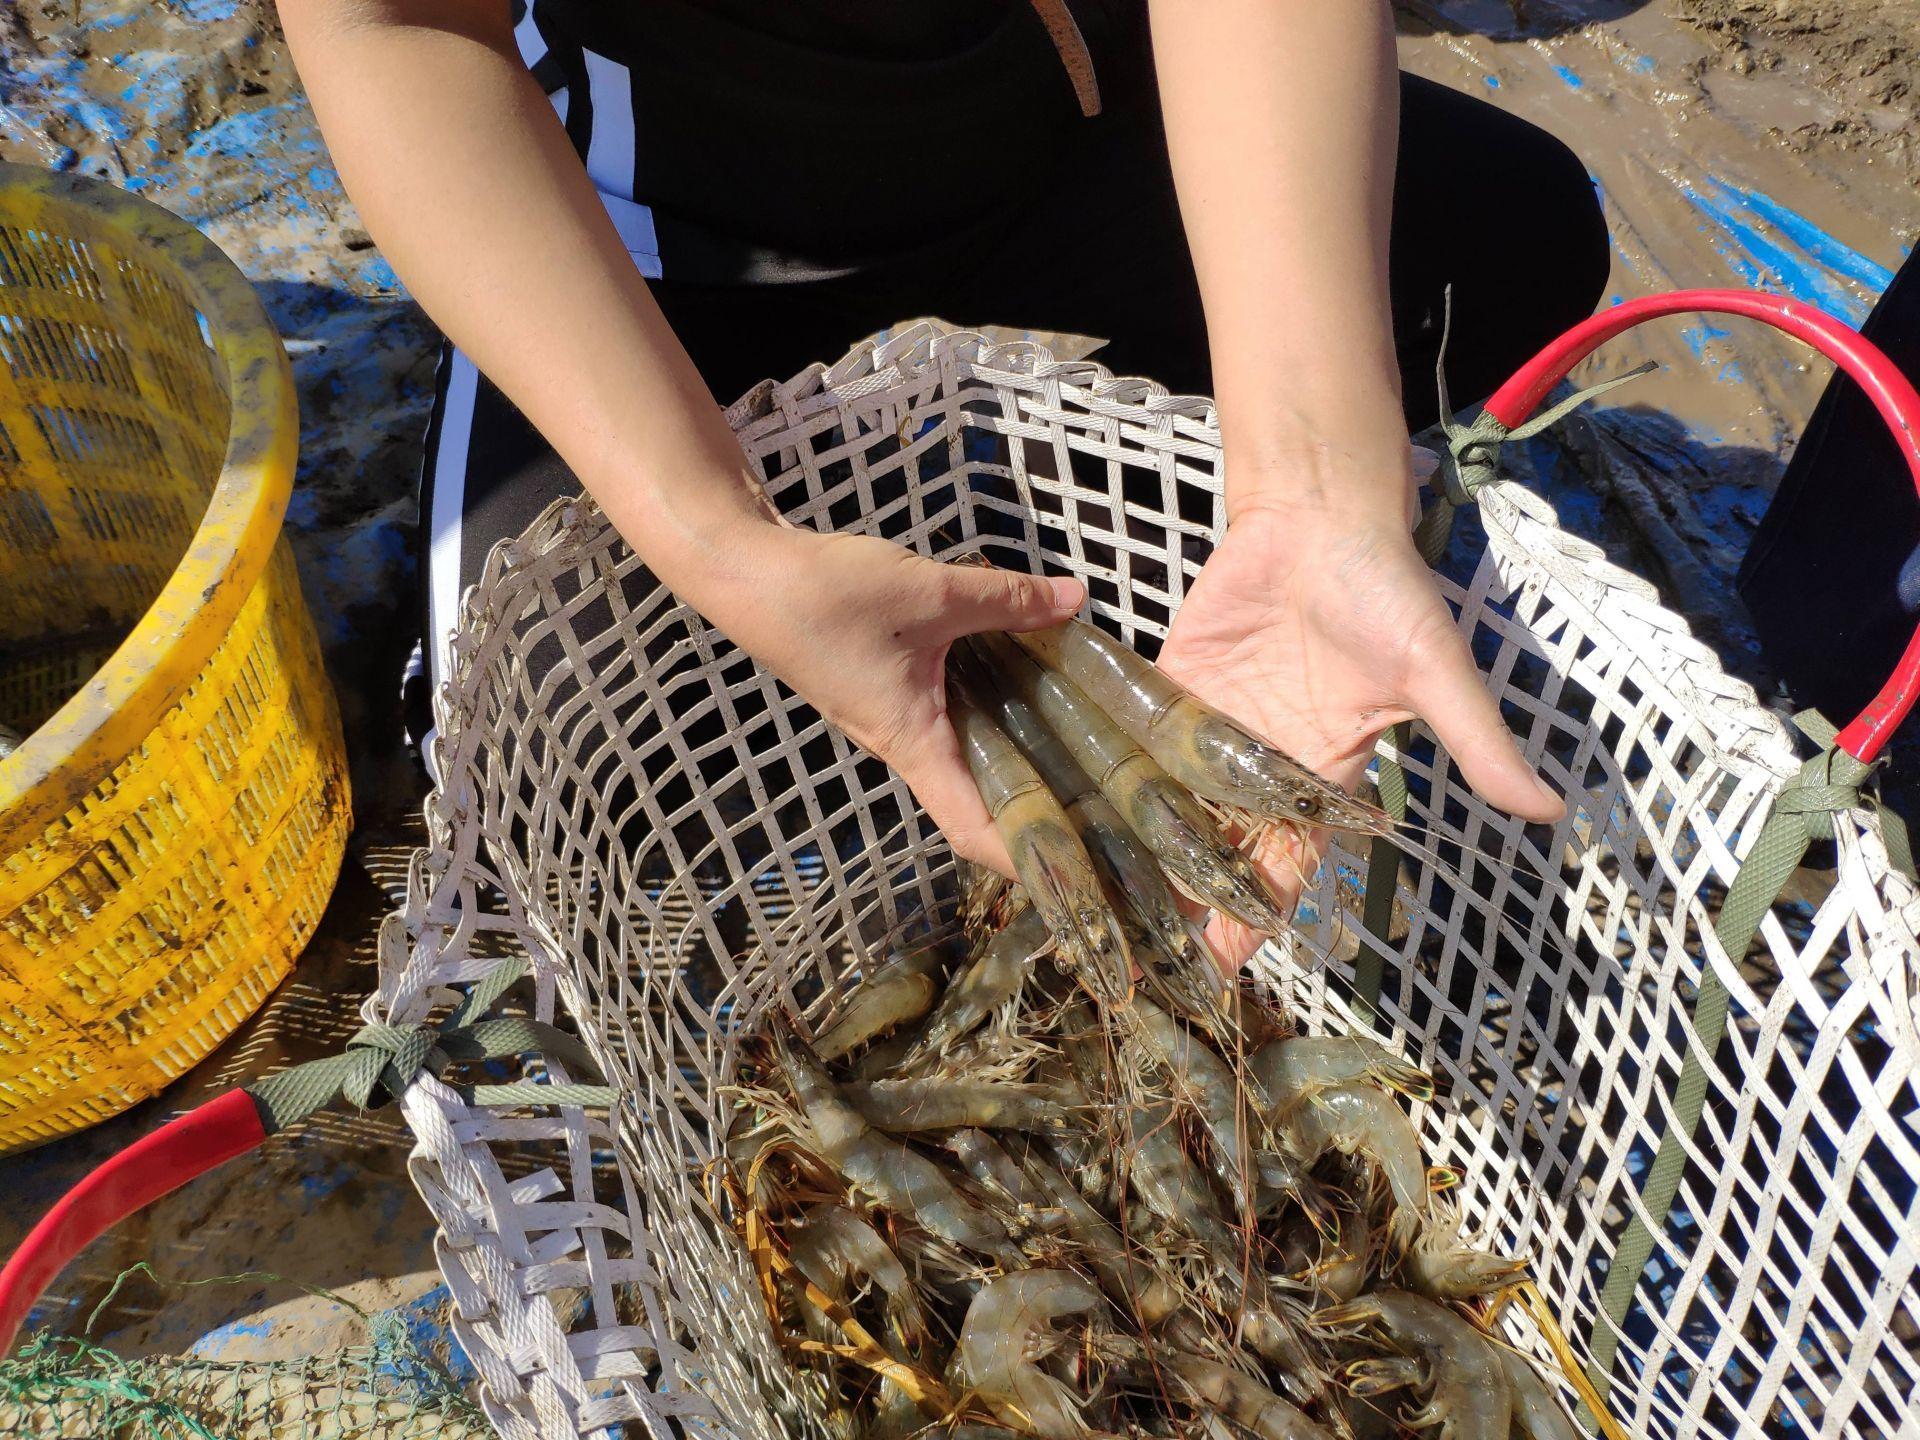 青岛海鲜养成记之对虾:已在青培育出5个新品种一生约50次蜕皮